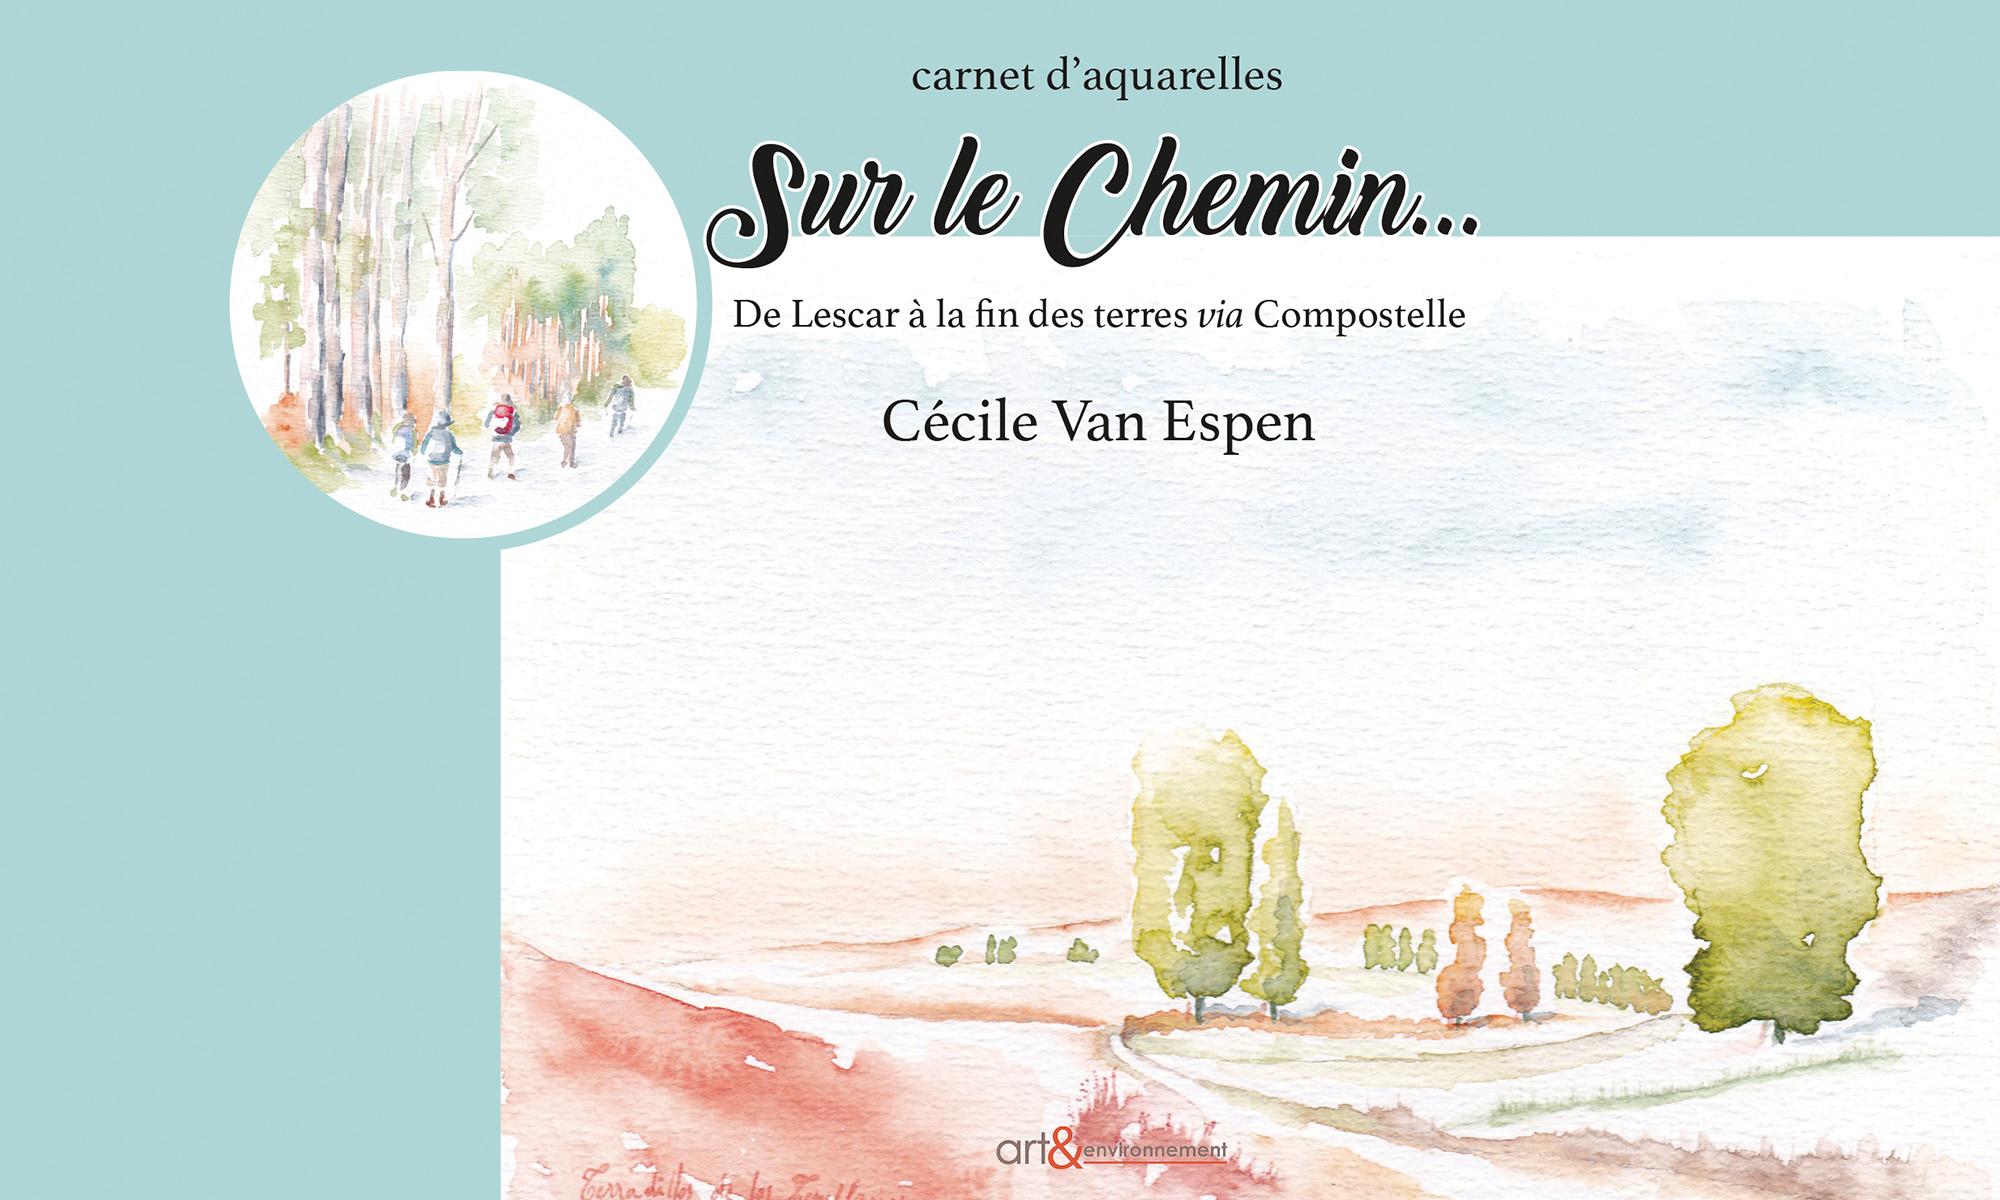 La page de couverture est de couleur bleu. Elle présente deux aquarelles. Sur les 2/3 en partant de la droite, une aquarelle de Terradillos de los Templarios. Sur son angle gauche, dans un cercle, des marcheurs  (entrée de Compostelle)